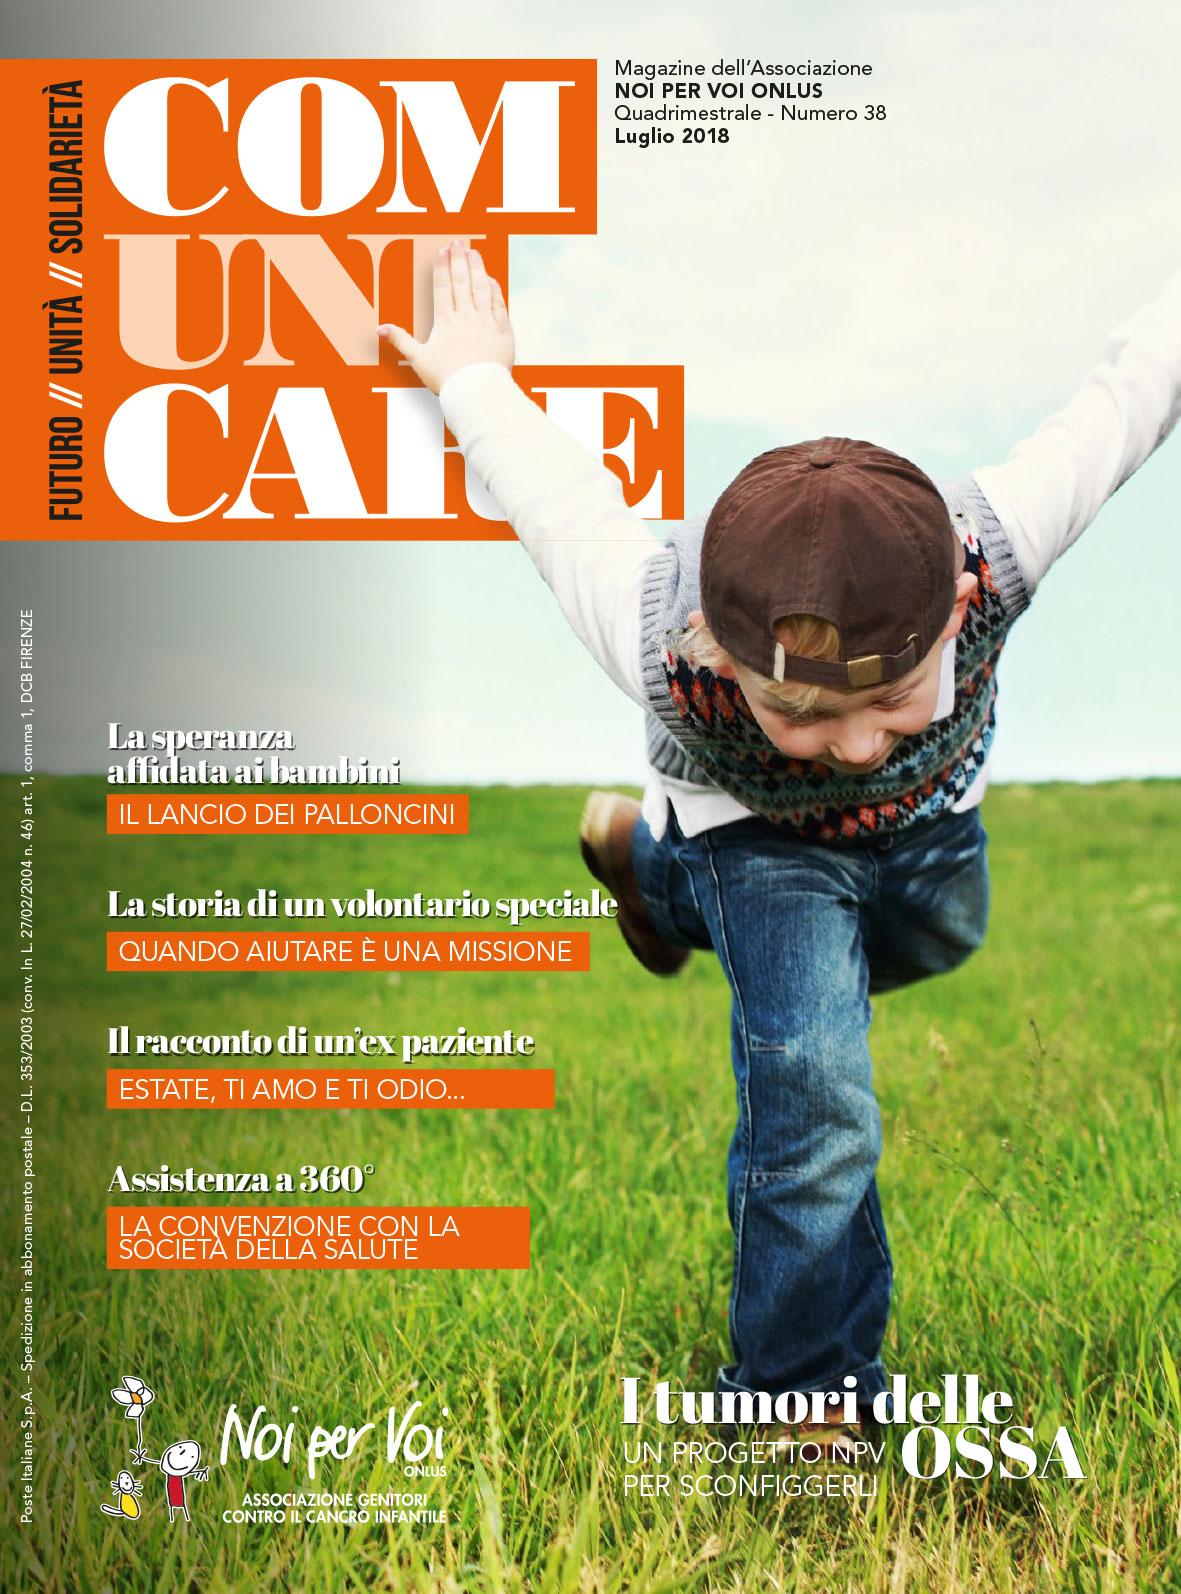 Comunicare N38 Magazine Noi per Voi Onlus